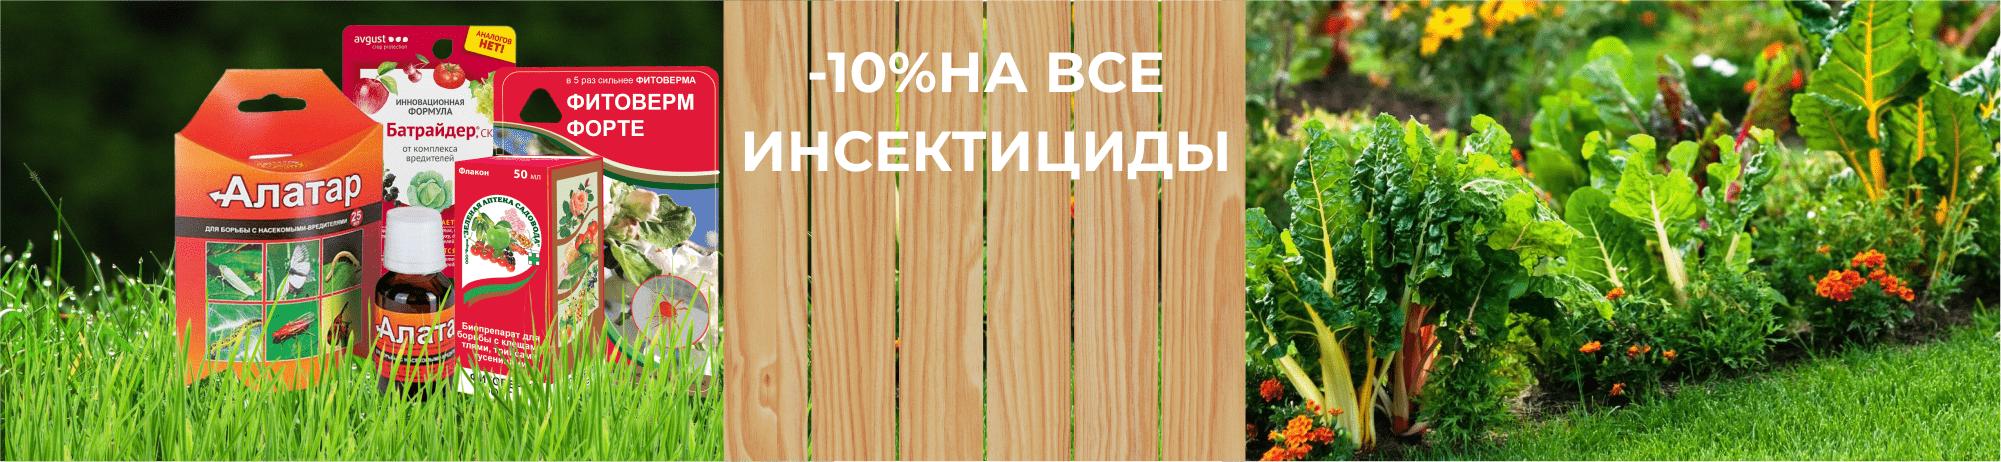 СЛАЙДЕР САЙТ ИНСЕКТИЦИДЫ -10%